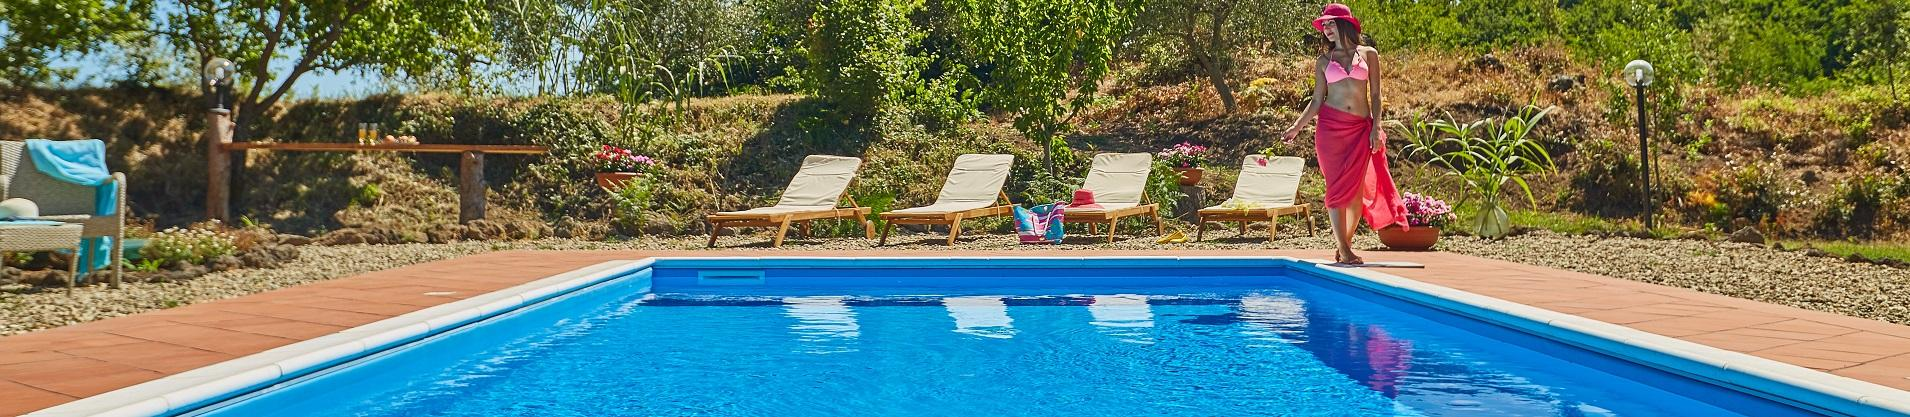 Ville in Sicilia con piscina vicino Catania